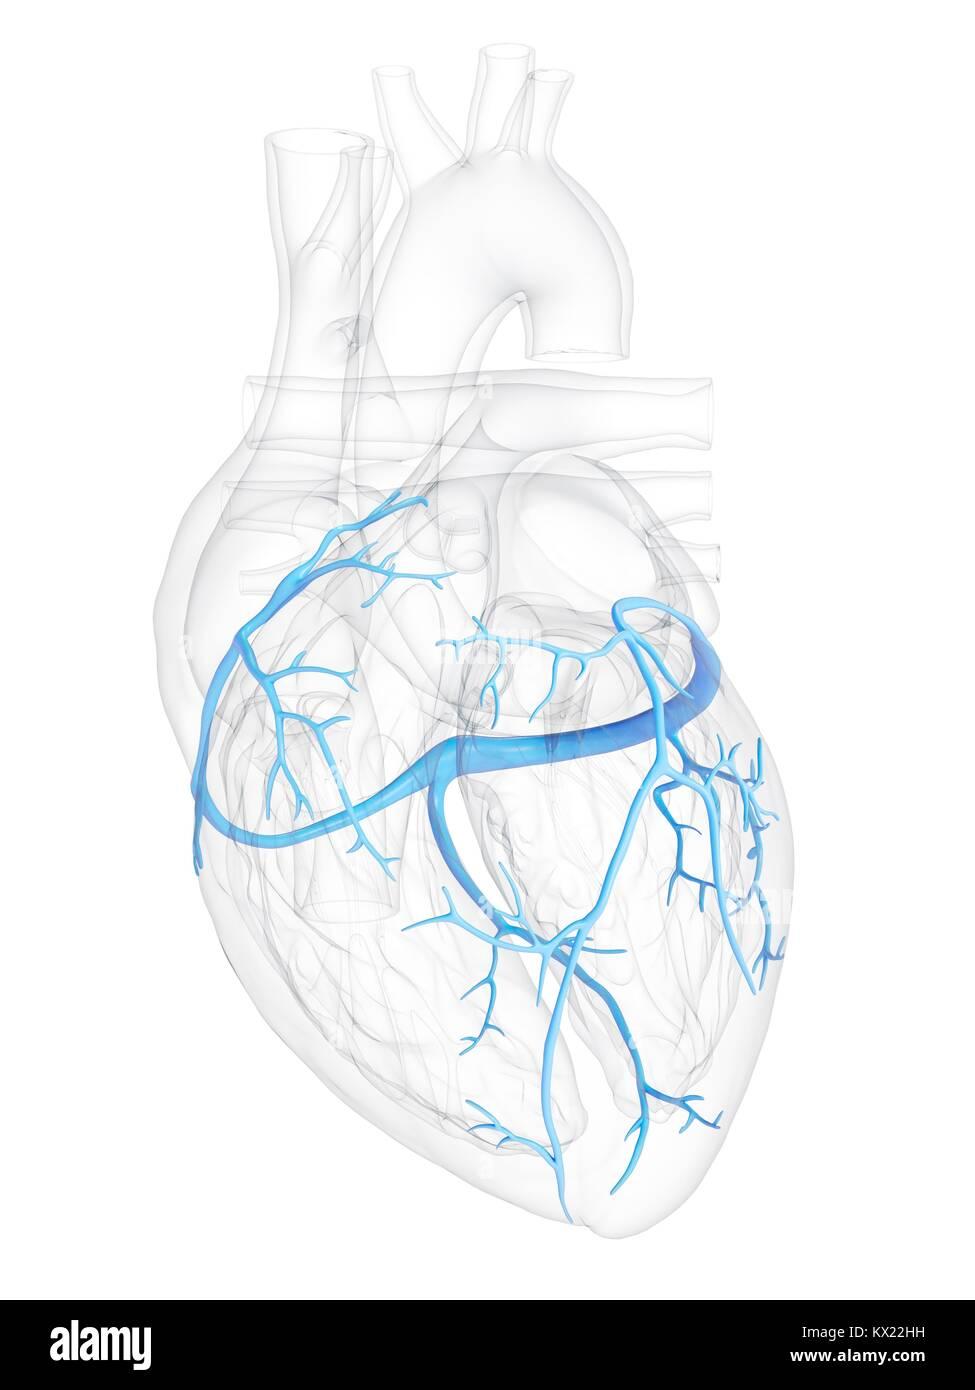 Groß Herz Diagramme Bilder - Anatomie Und Physiologie Knochen Bilder ...